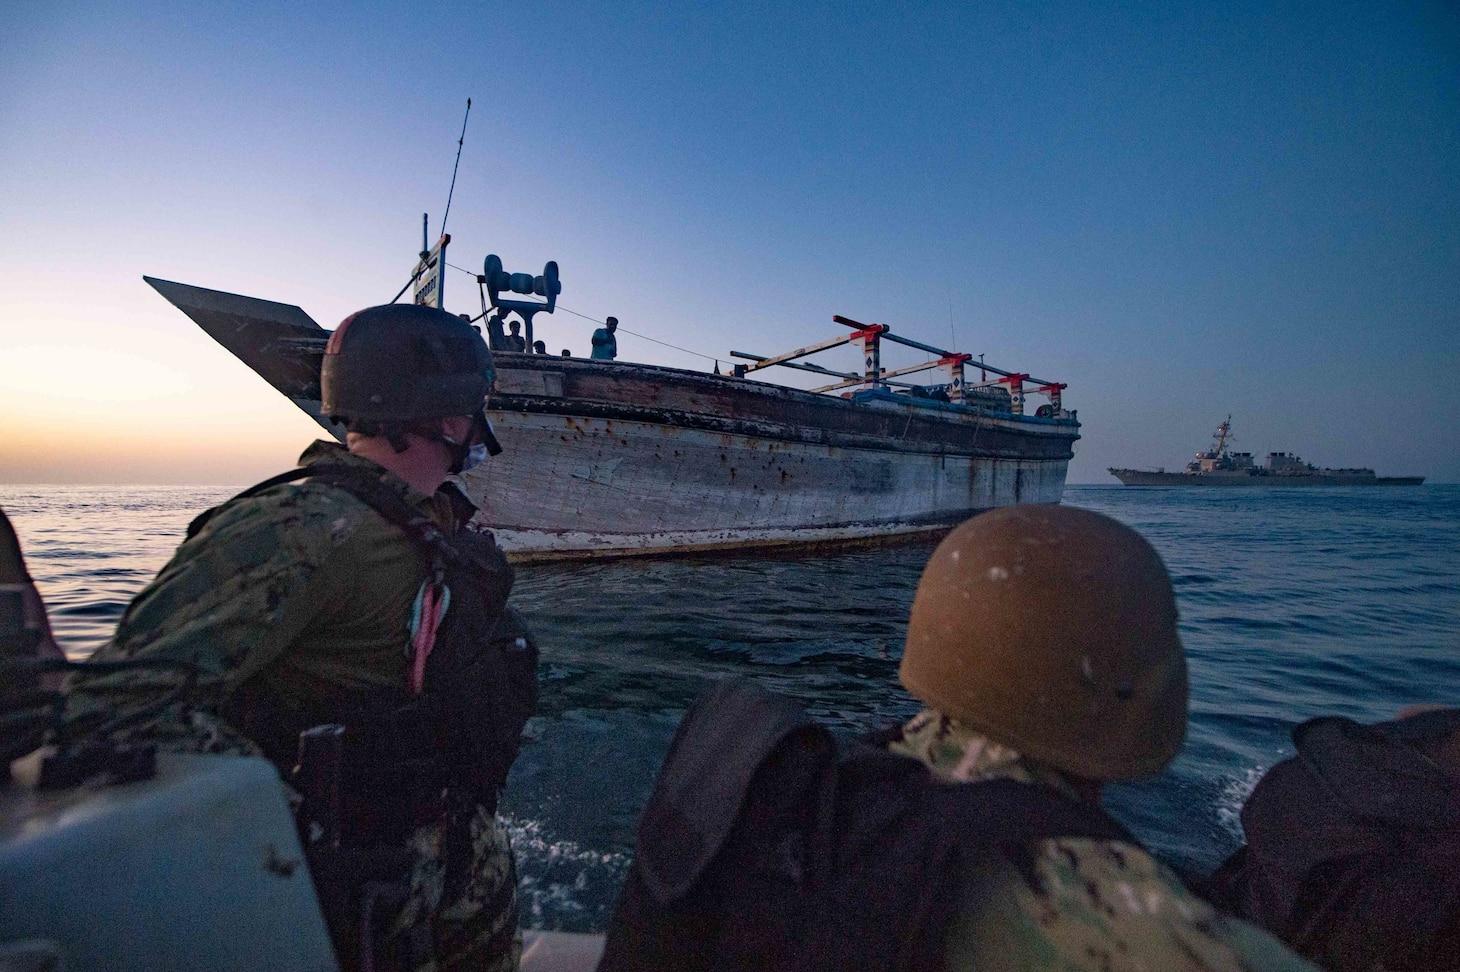 USS Winston S Churchill rescue at sea